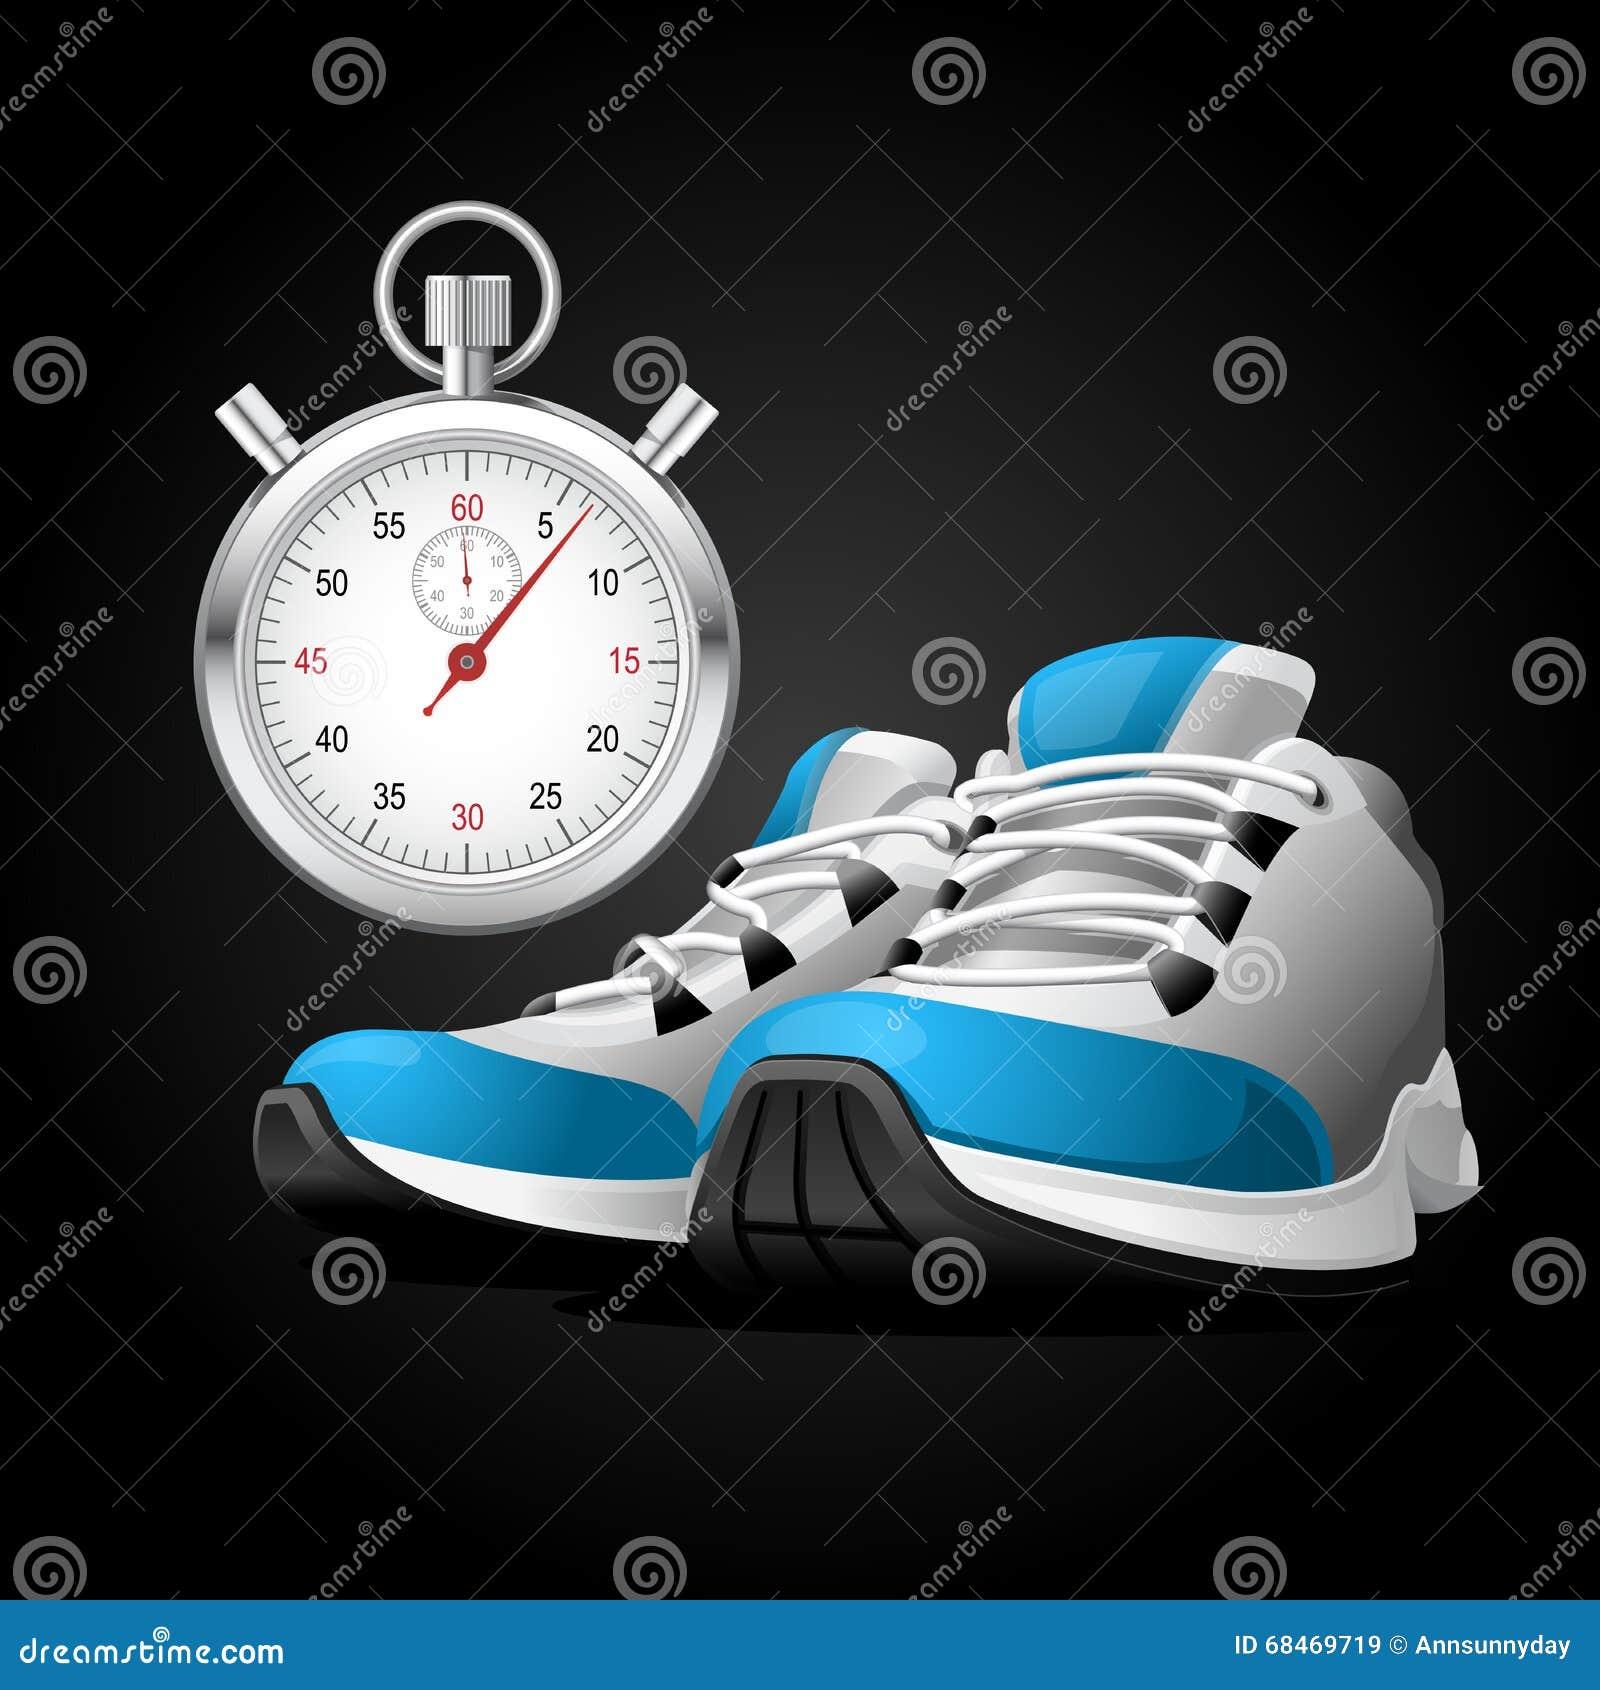 Zapatillas Cronómetro Pares De Y Imagen Archivo Deportivas ChQtsrxd